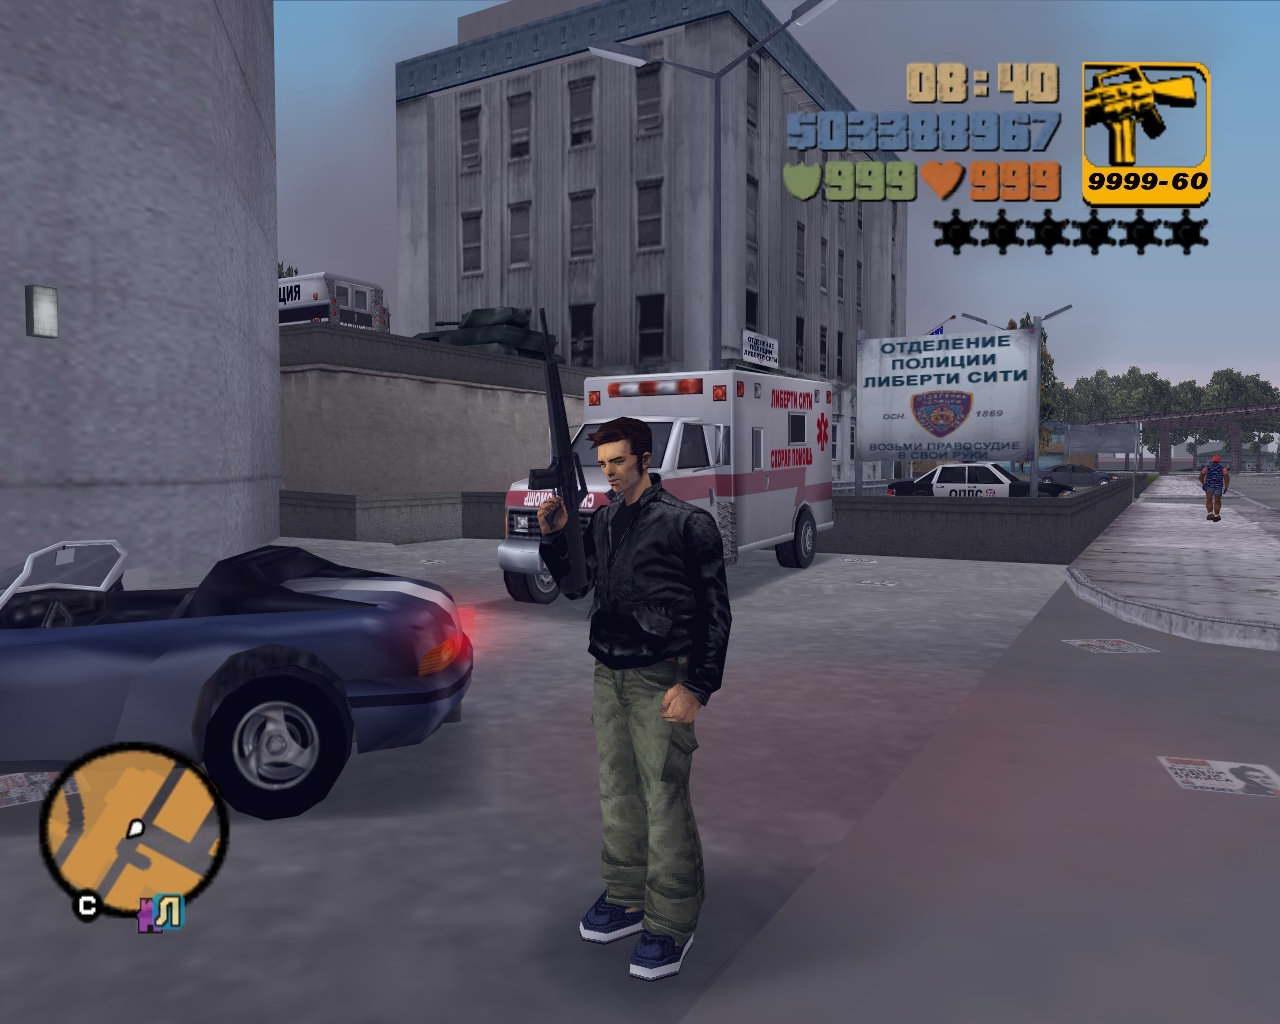 Скачать бесплатно игры gta на компьютер